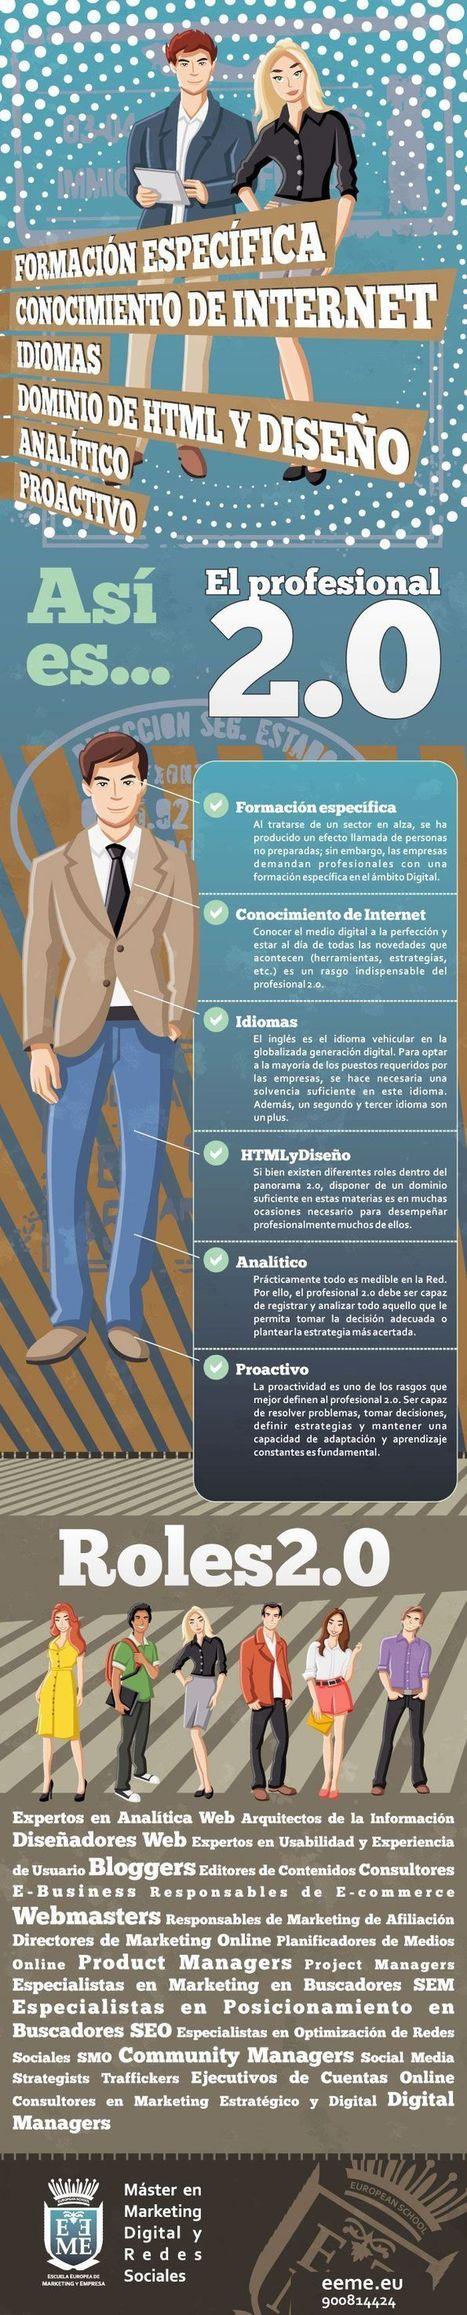 Marketing Digital | smarketivity | Scoop.it